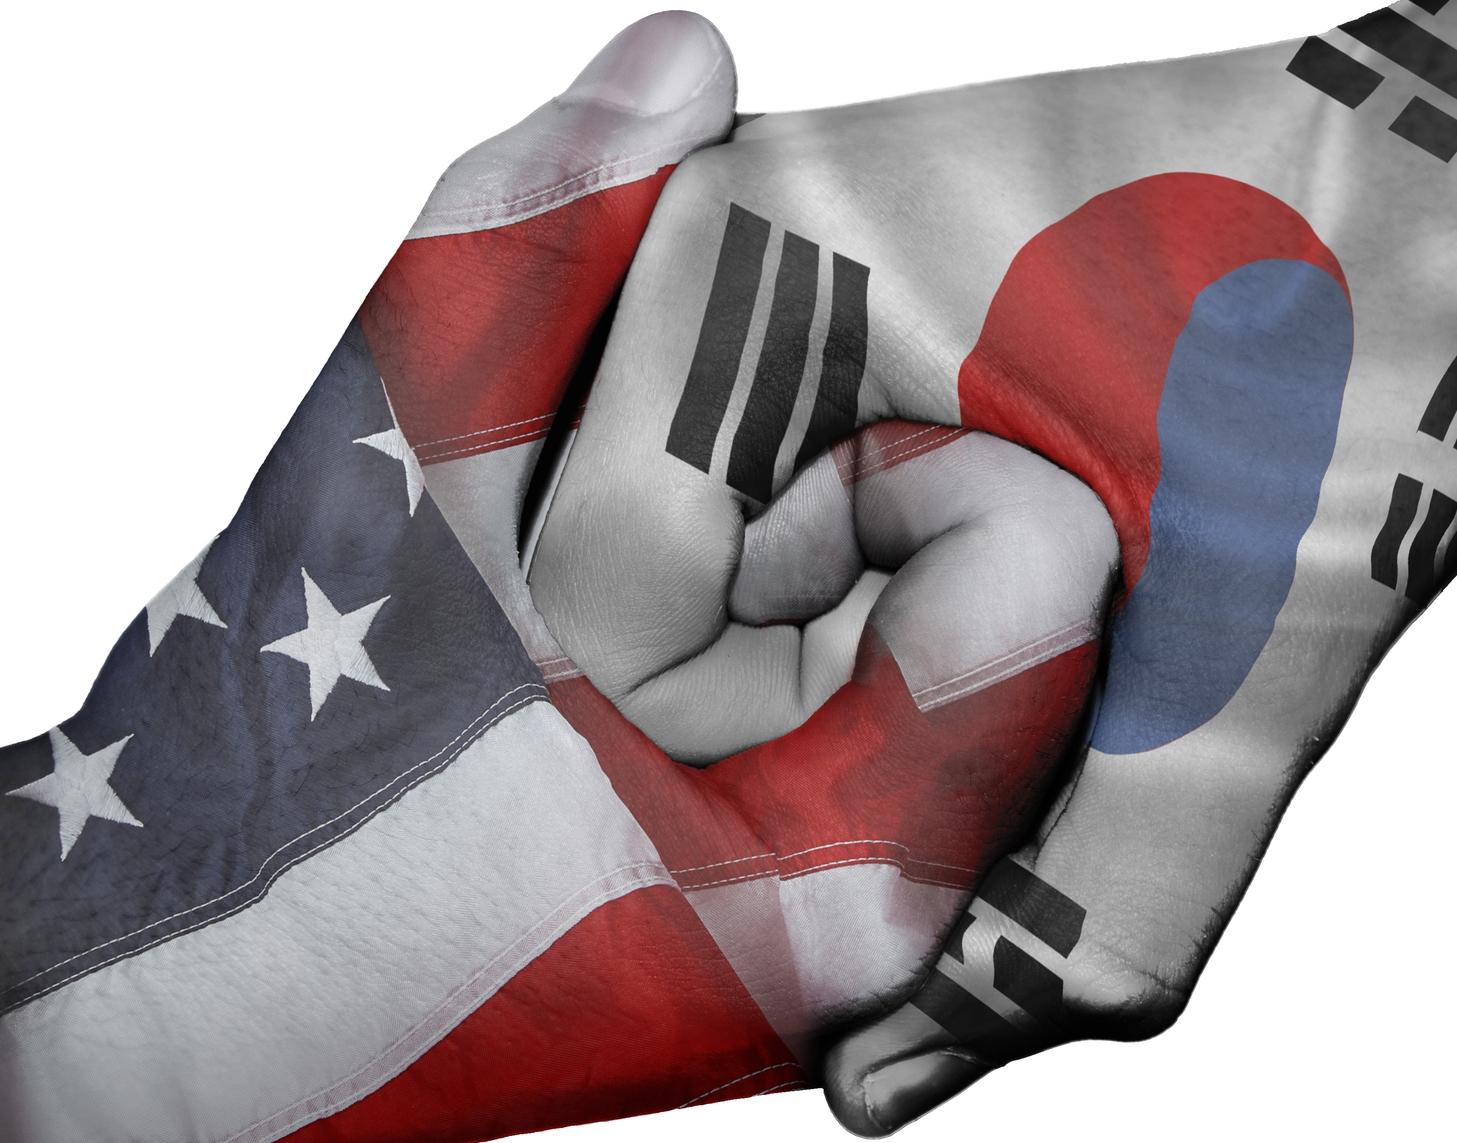 US-ROK Relations - 2017 FALL SEMINAR SERIES